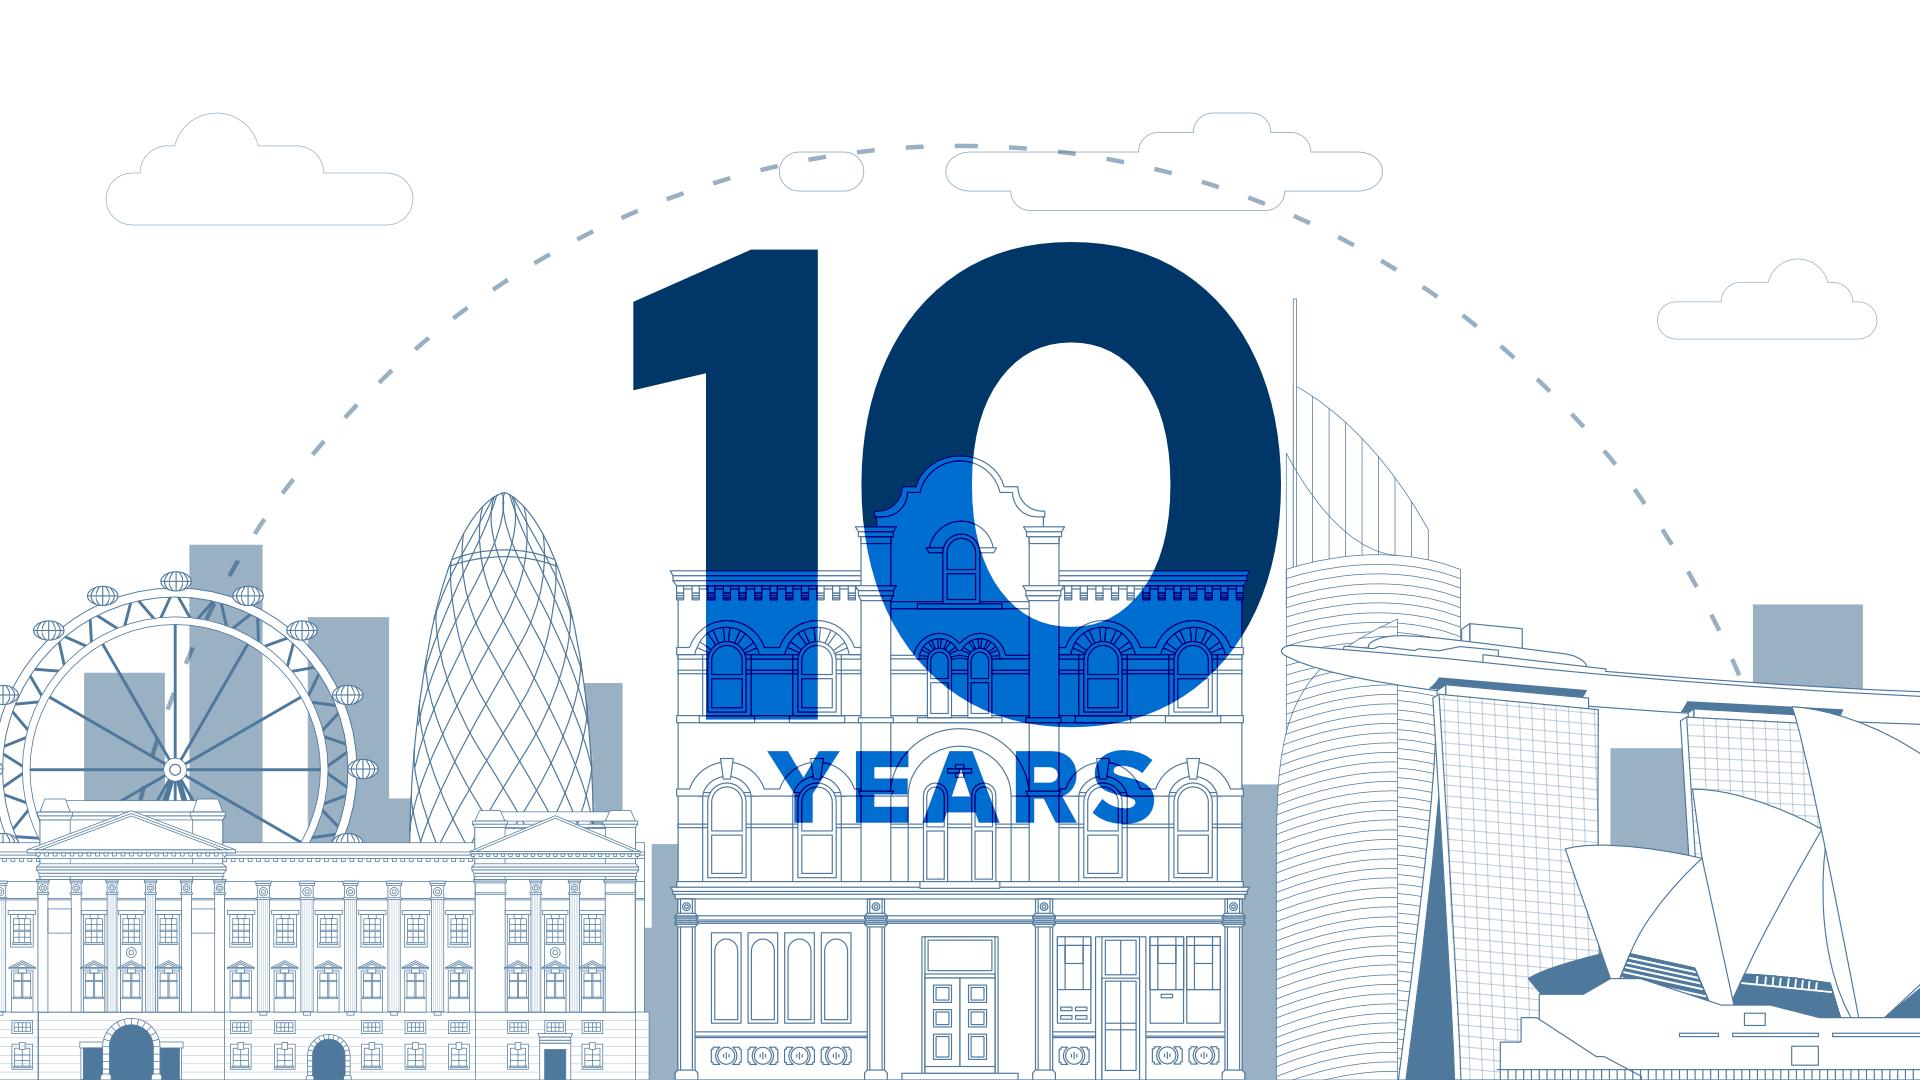 Strallen Celebrate Their 10 Year Anniversary